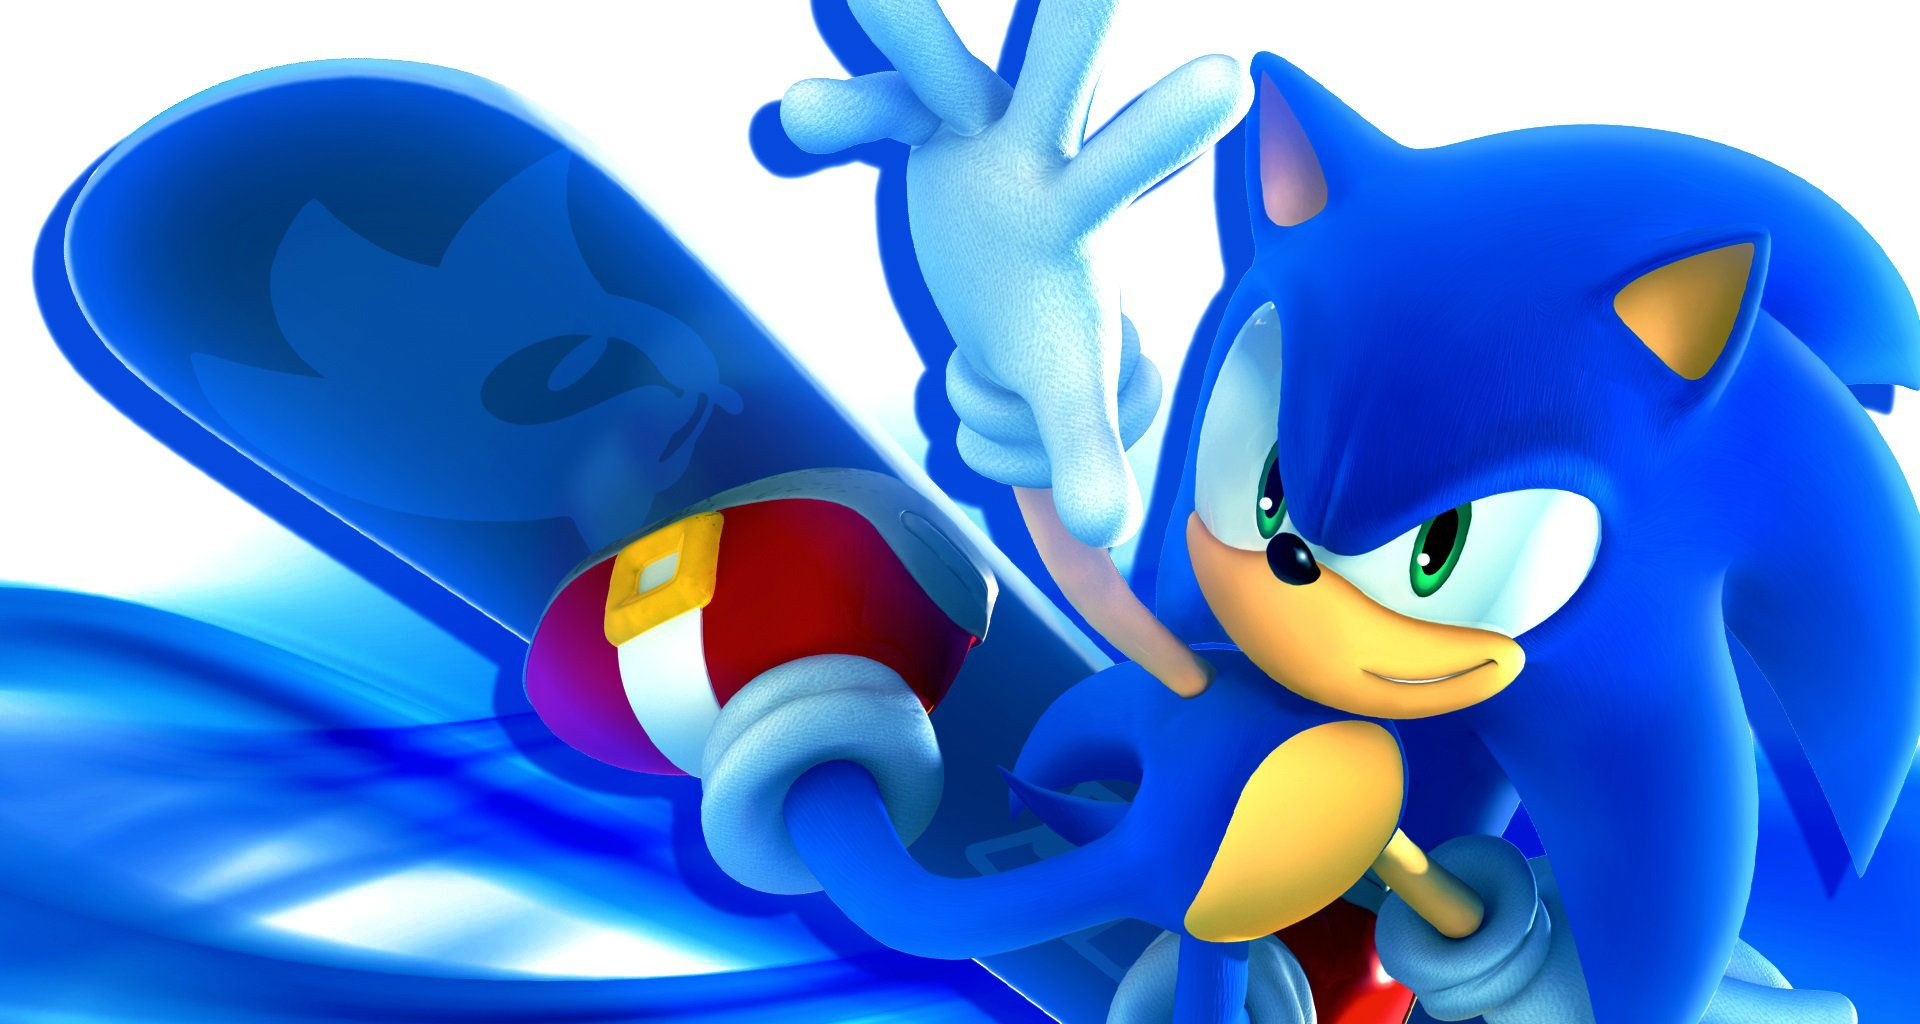 ¿Os acordáis de Sonic Extreme, el juego de skate del erizo